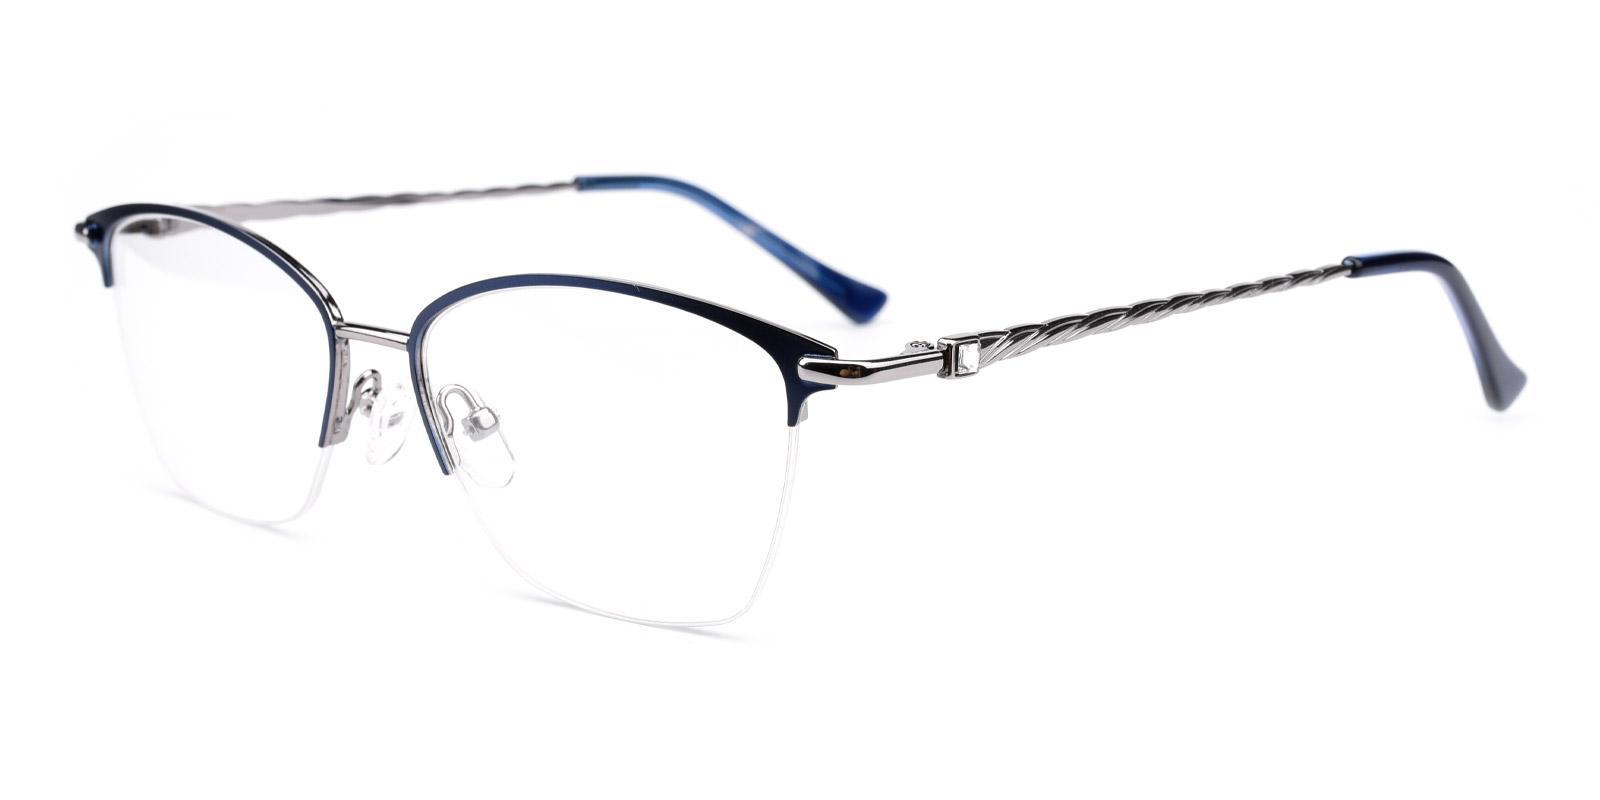 Karastan-Blue-Rectangle-Metal-Eyeglasses-detail